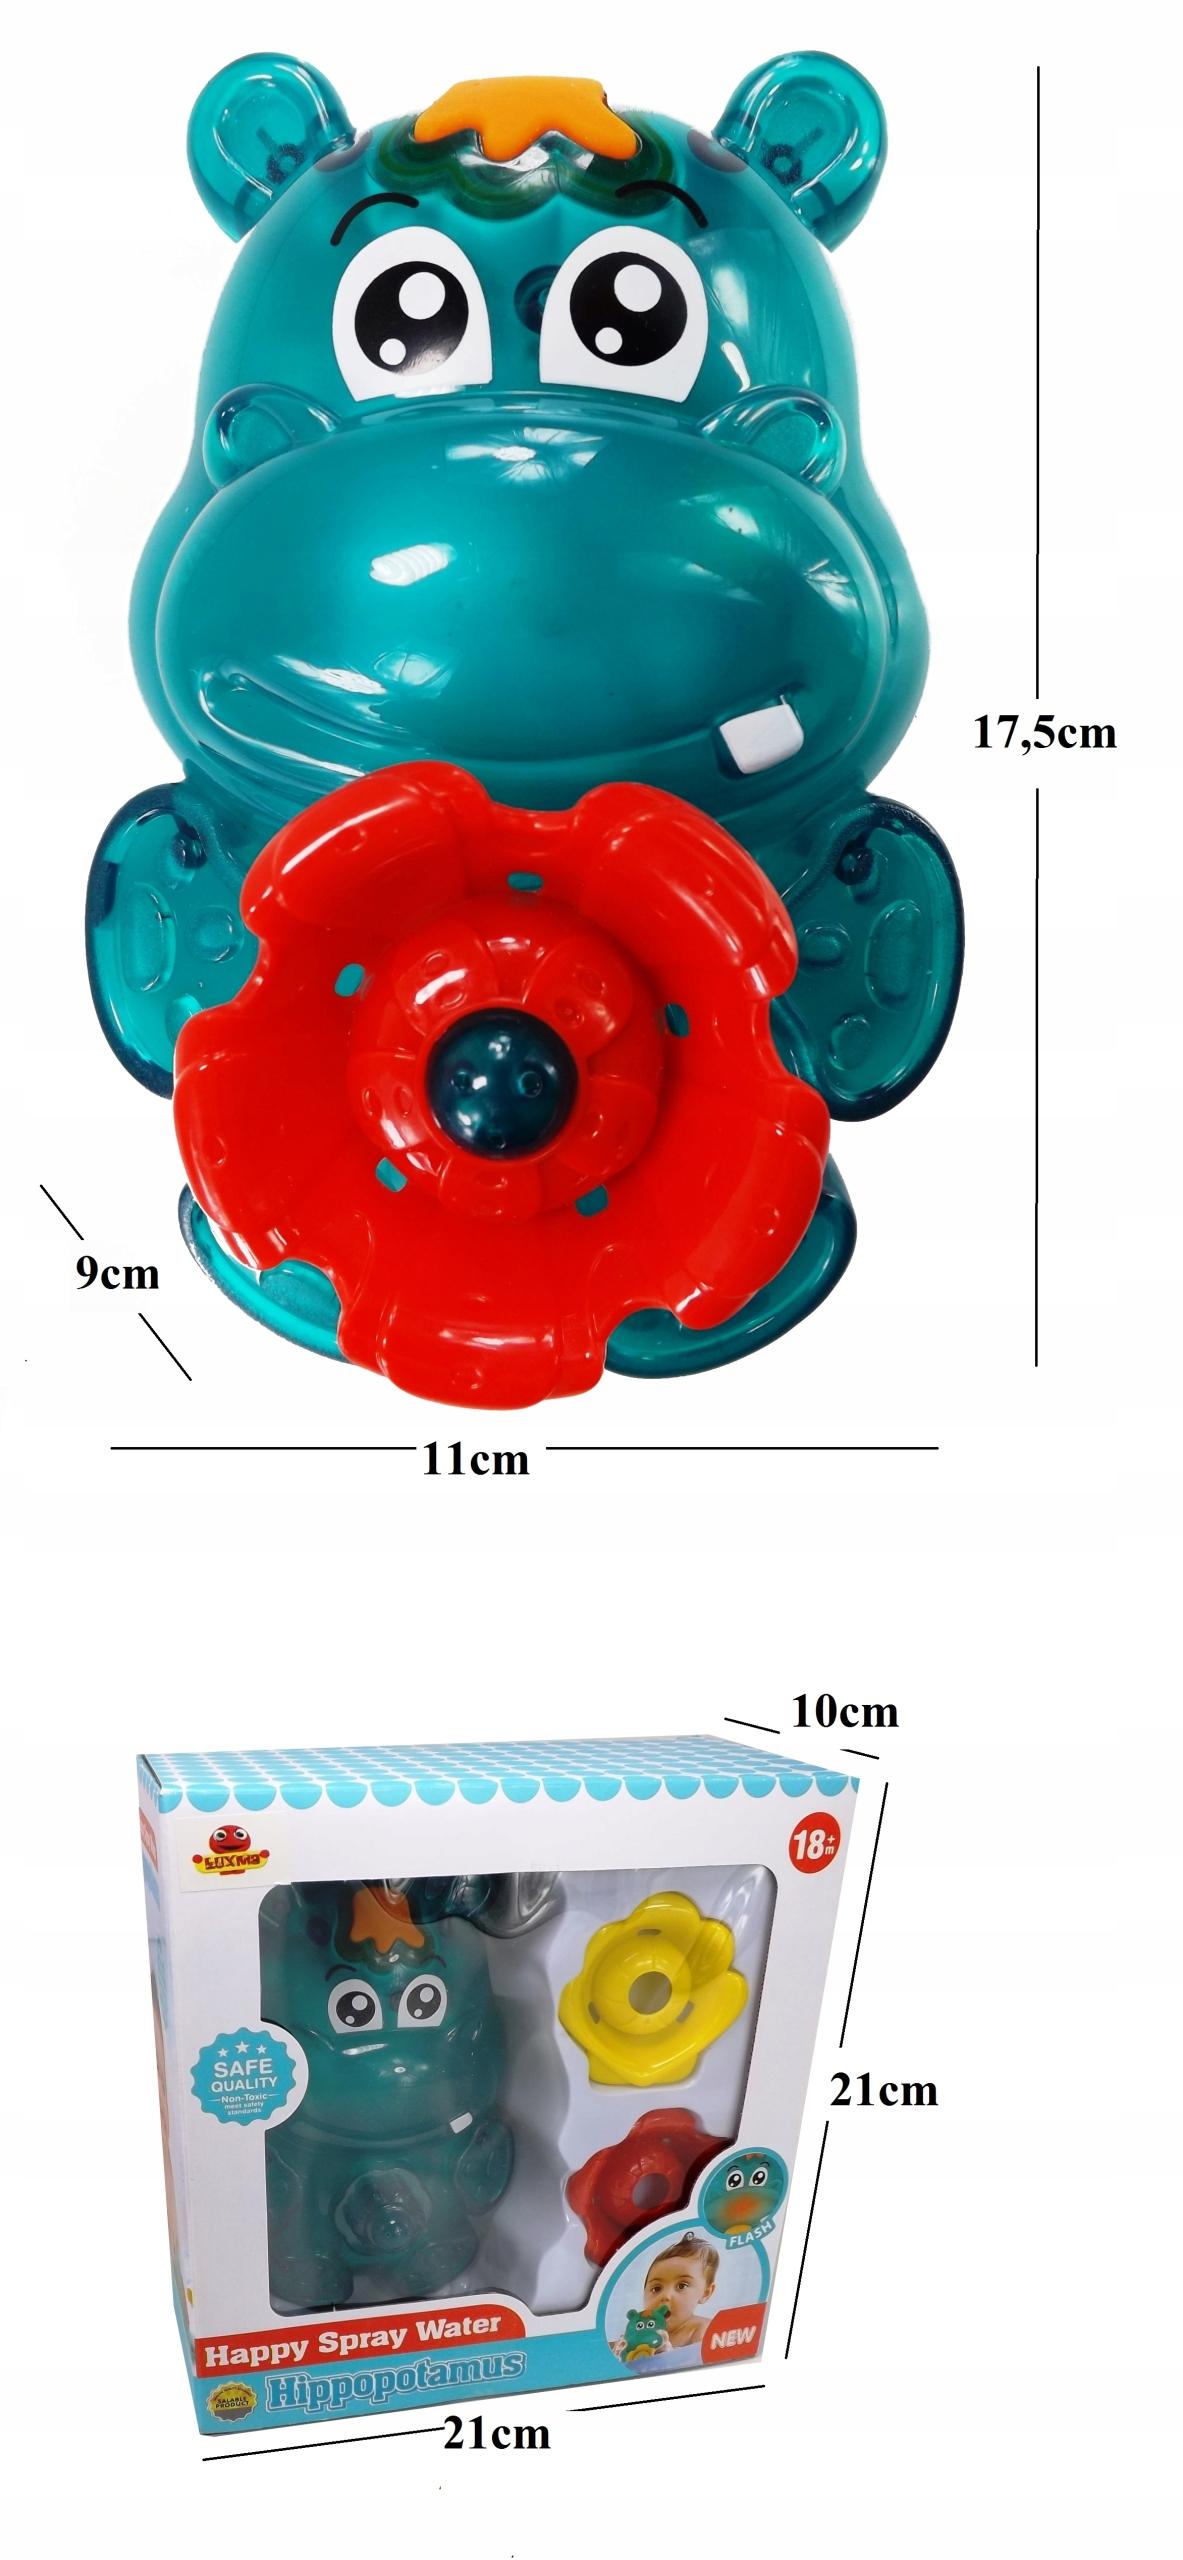 Prysznic obrotowy fontanna kąpieli hipcio SL87029 Waga (z opakowaniem) 0.34 kg